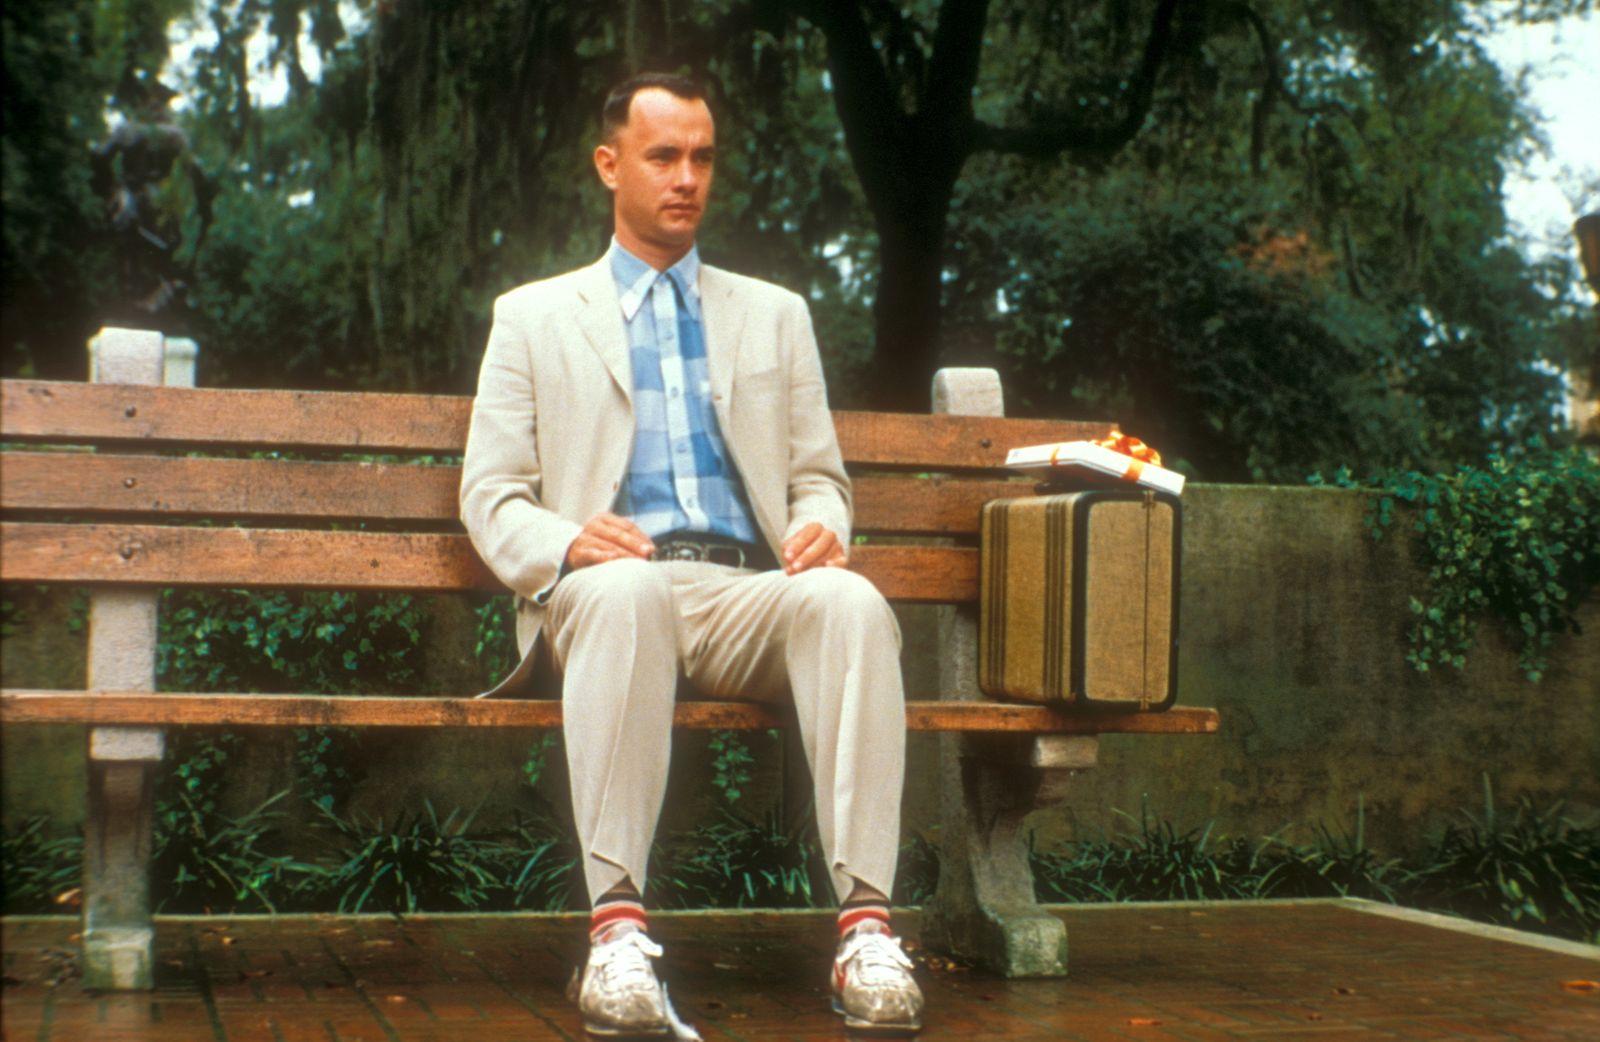 Forrest Gump / Tom Hanks